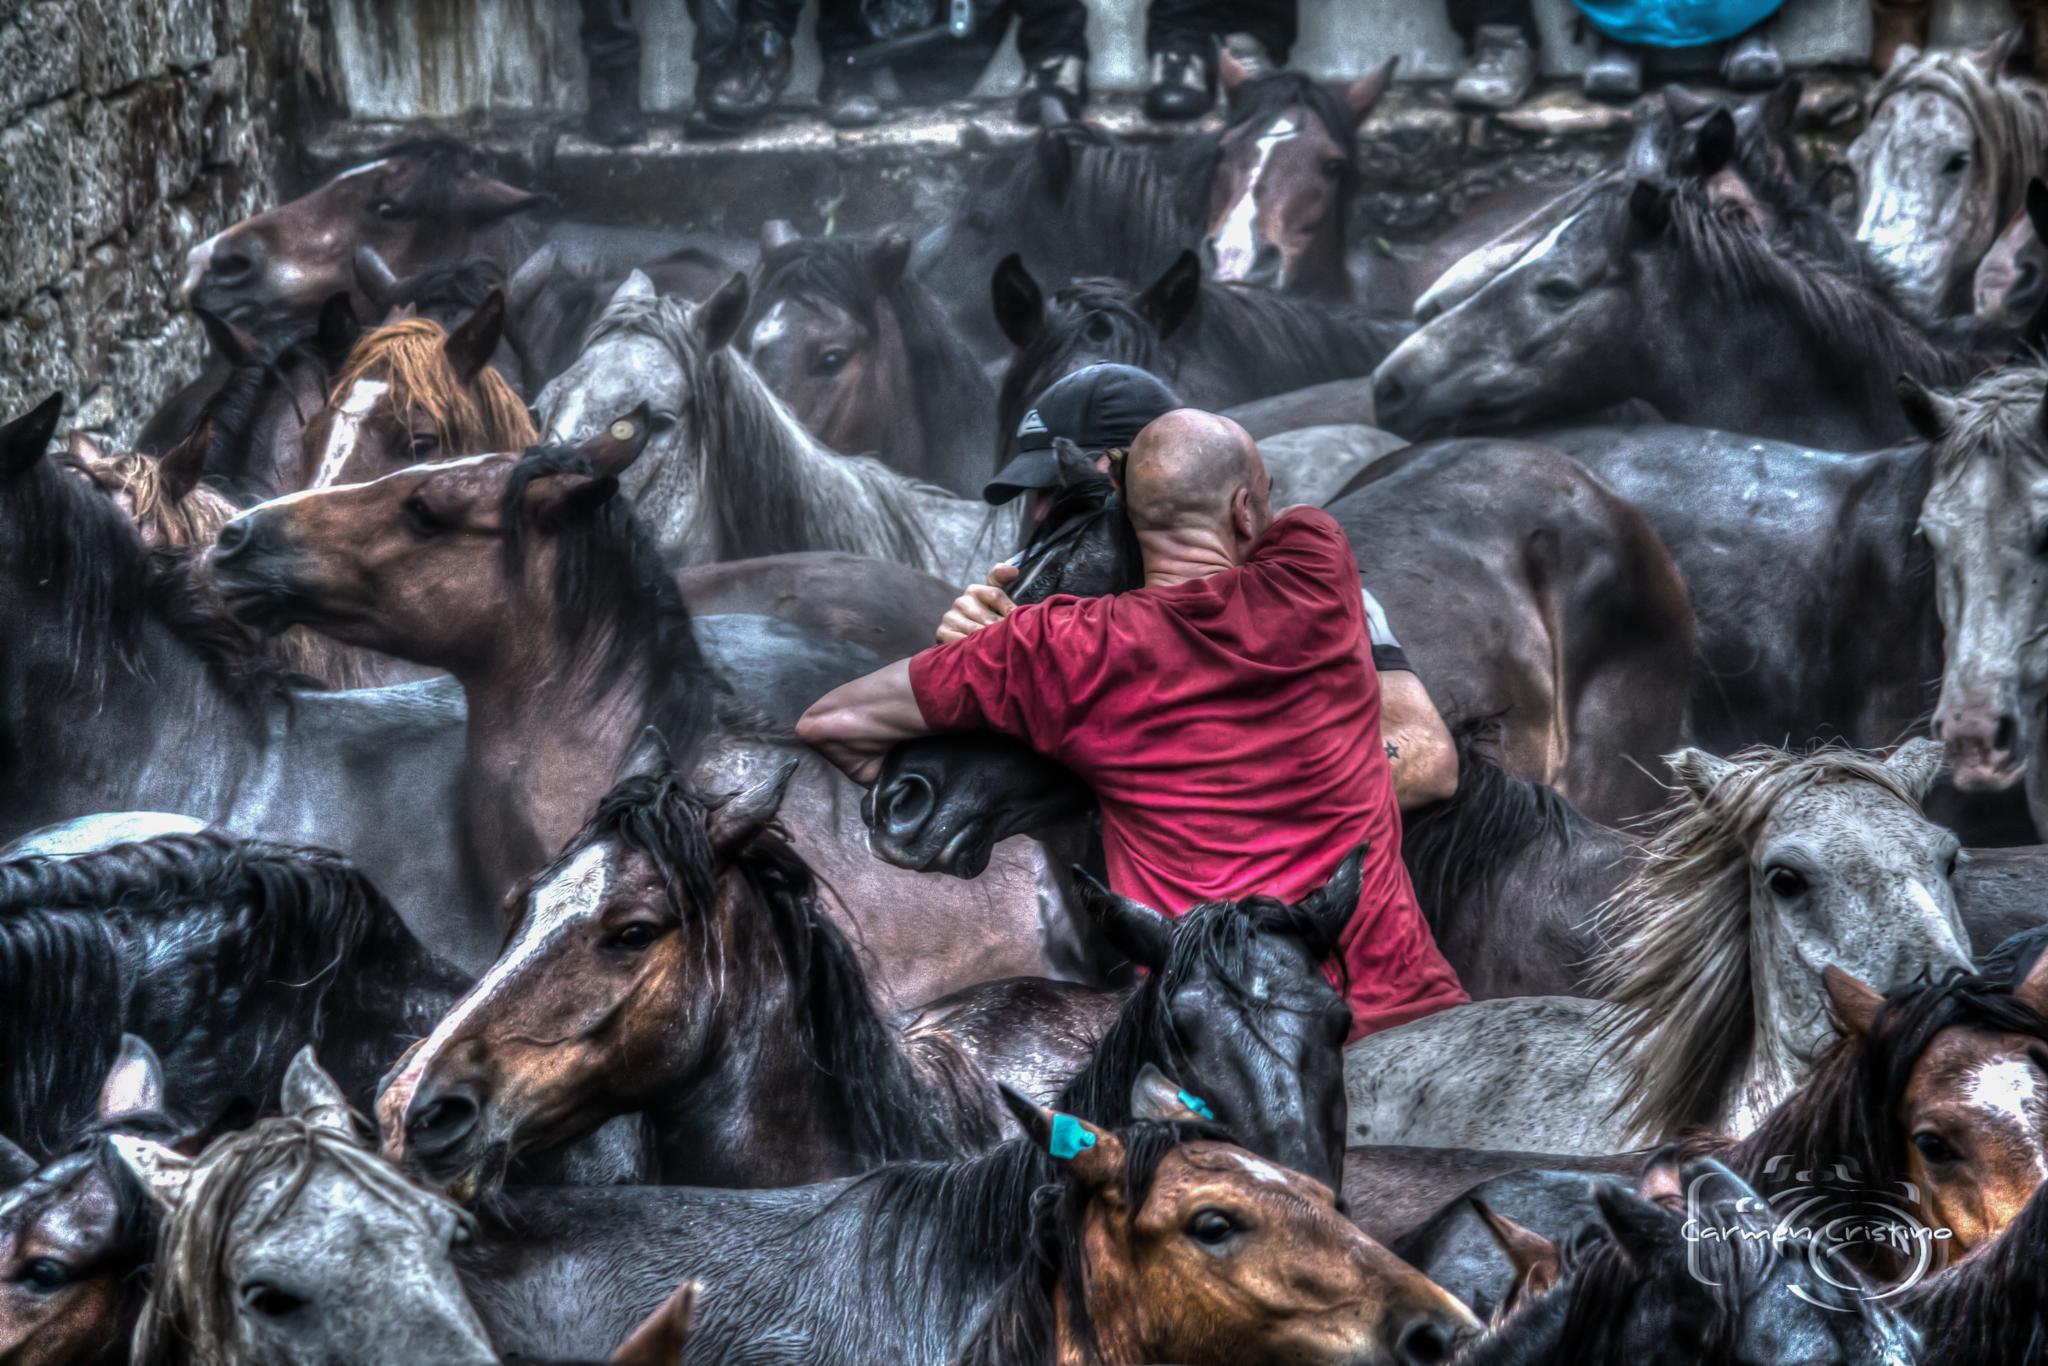 Horses 4 by carmen_cristino